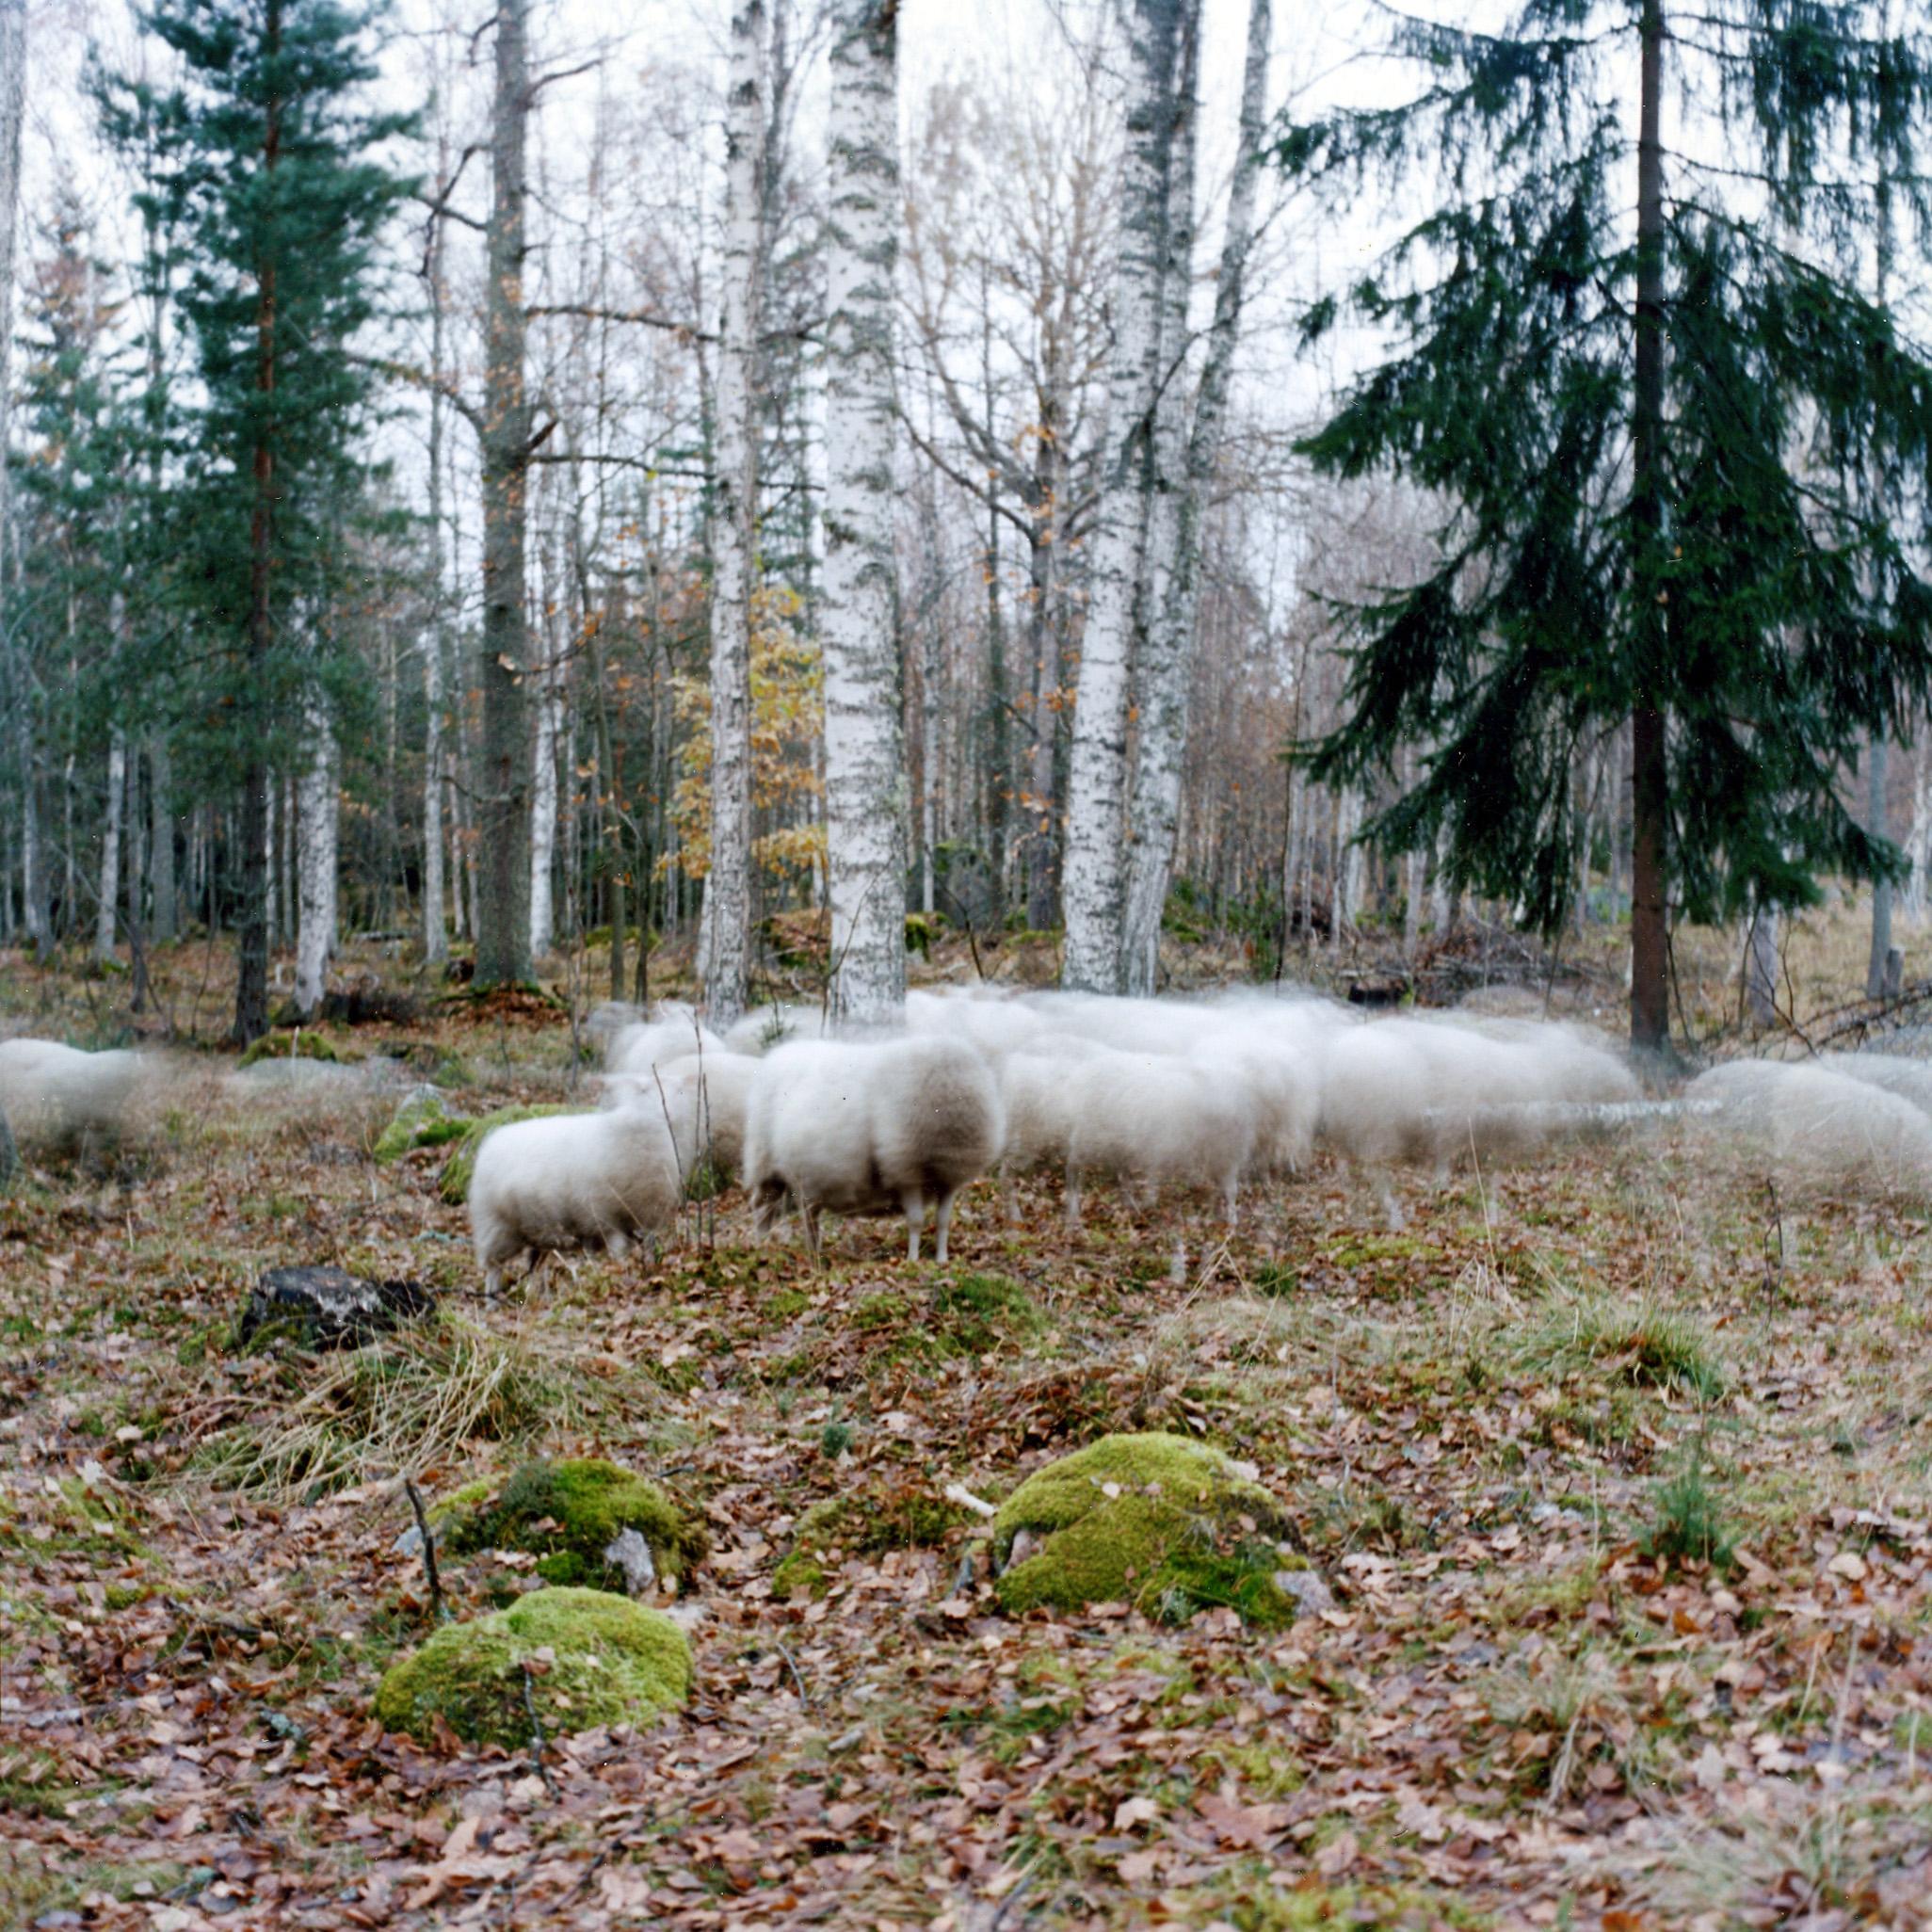 Troupeau de moutons dans un bois en Suède